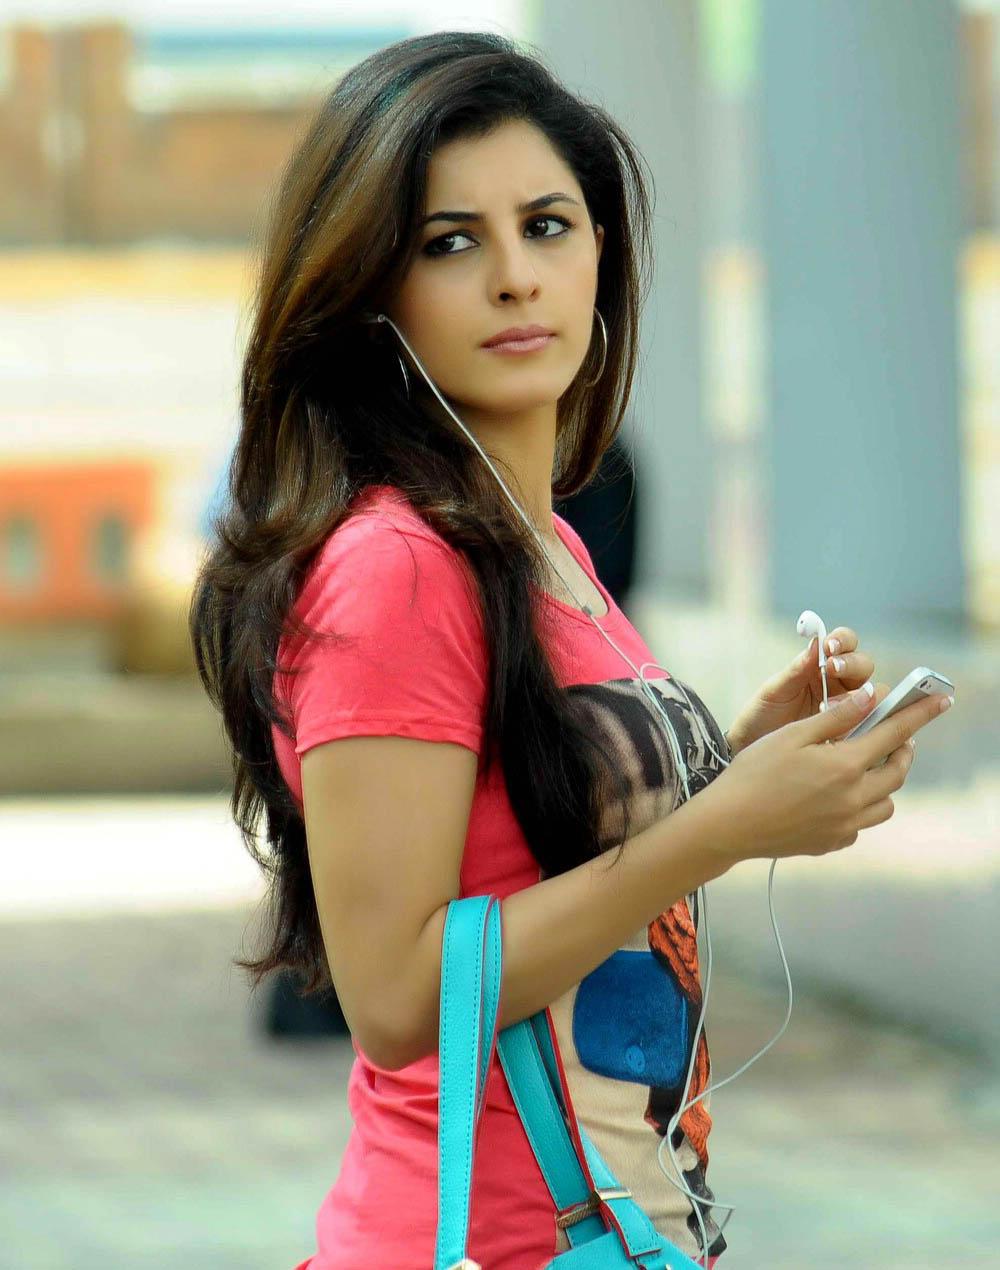 Isha talwar side look photos